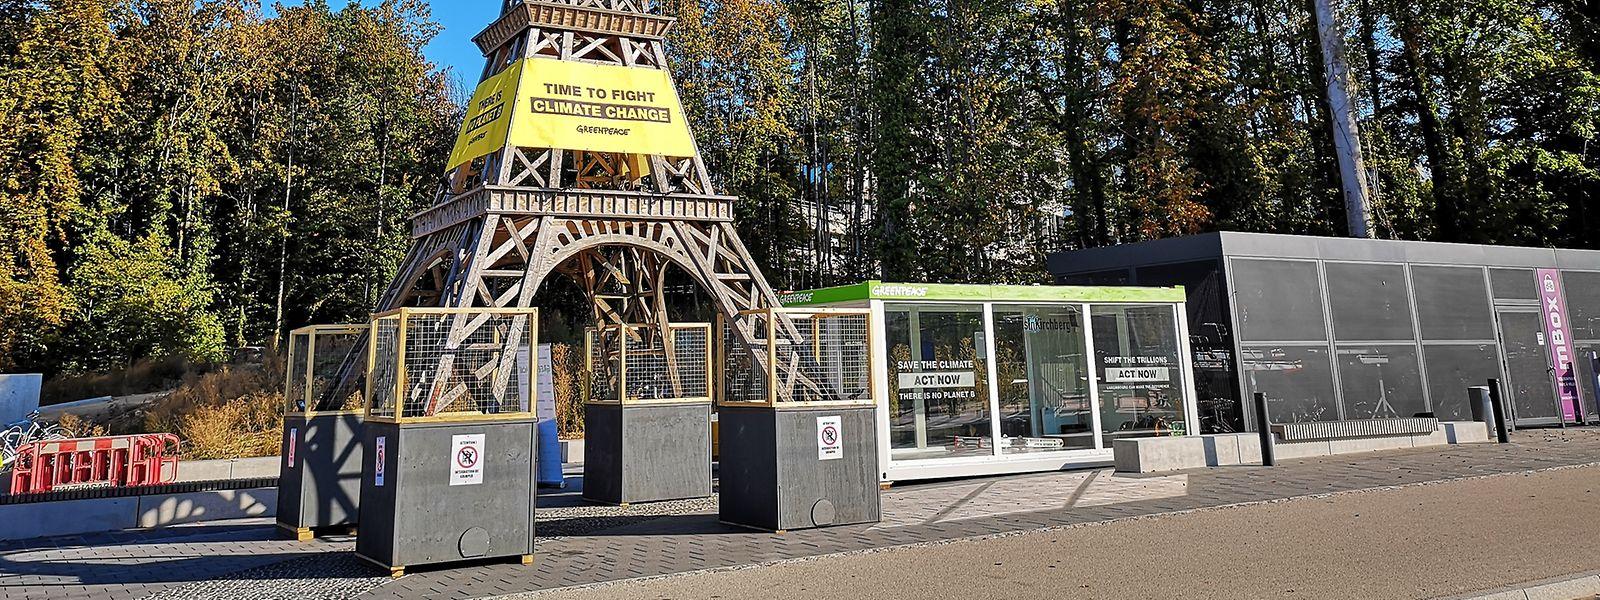 Die Miniatur des Eiffelturms soll an die Klimaziele des Pariser Abkommens erinnern.